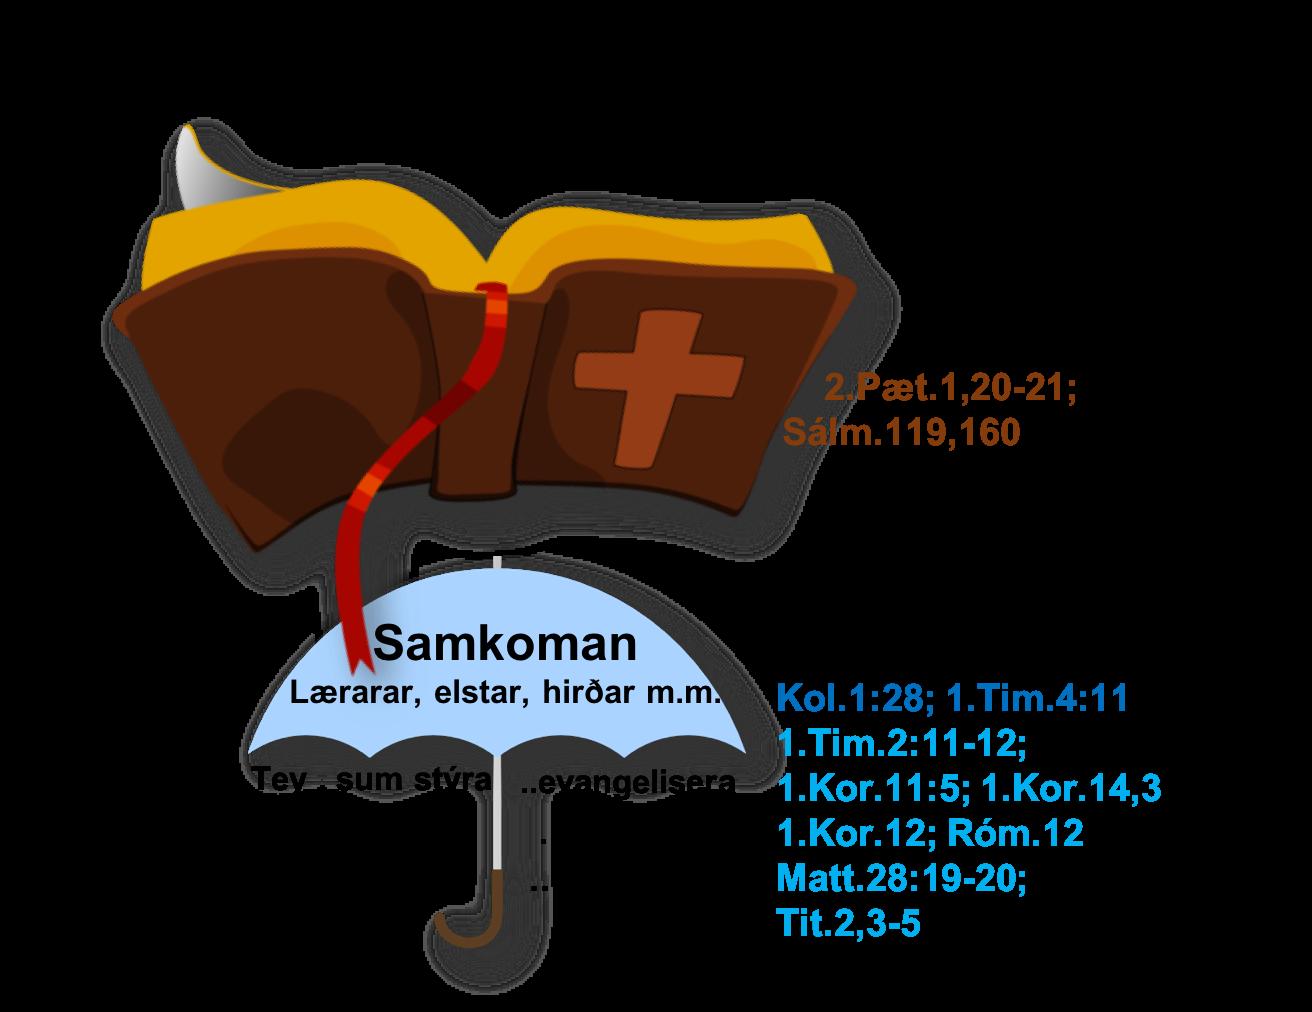 Samkoman - mynd